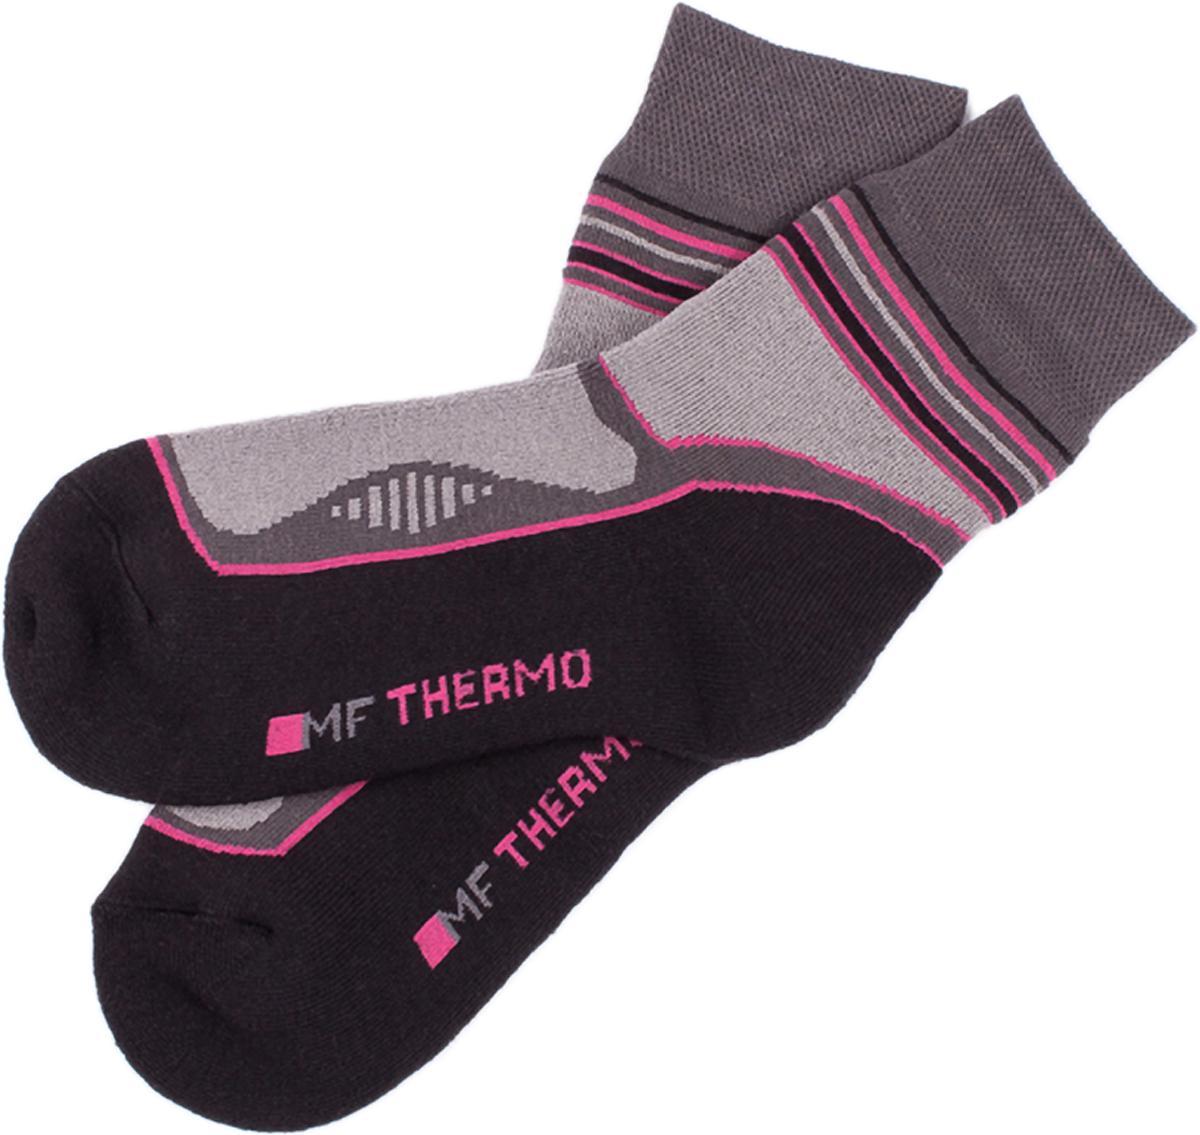 Носки женские Mark Formelle, цвет: темно-серый, розовый. 372T-015. Размер 38/39372T-015